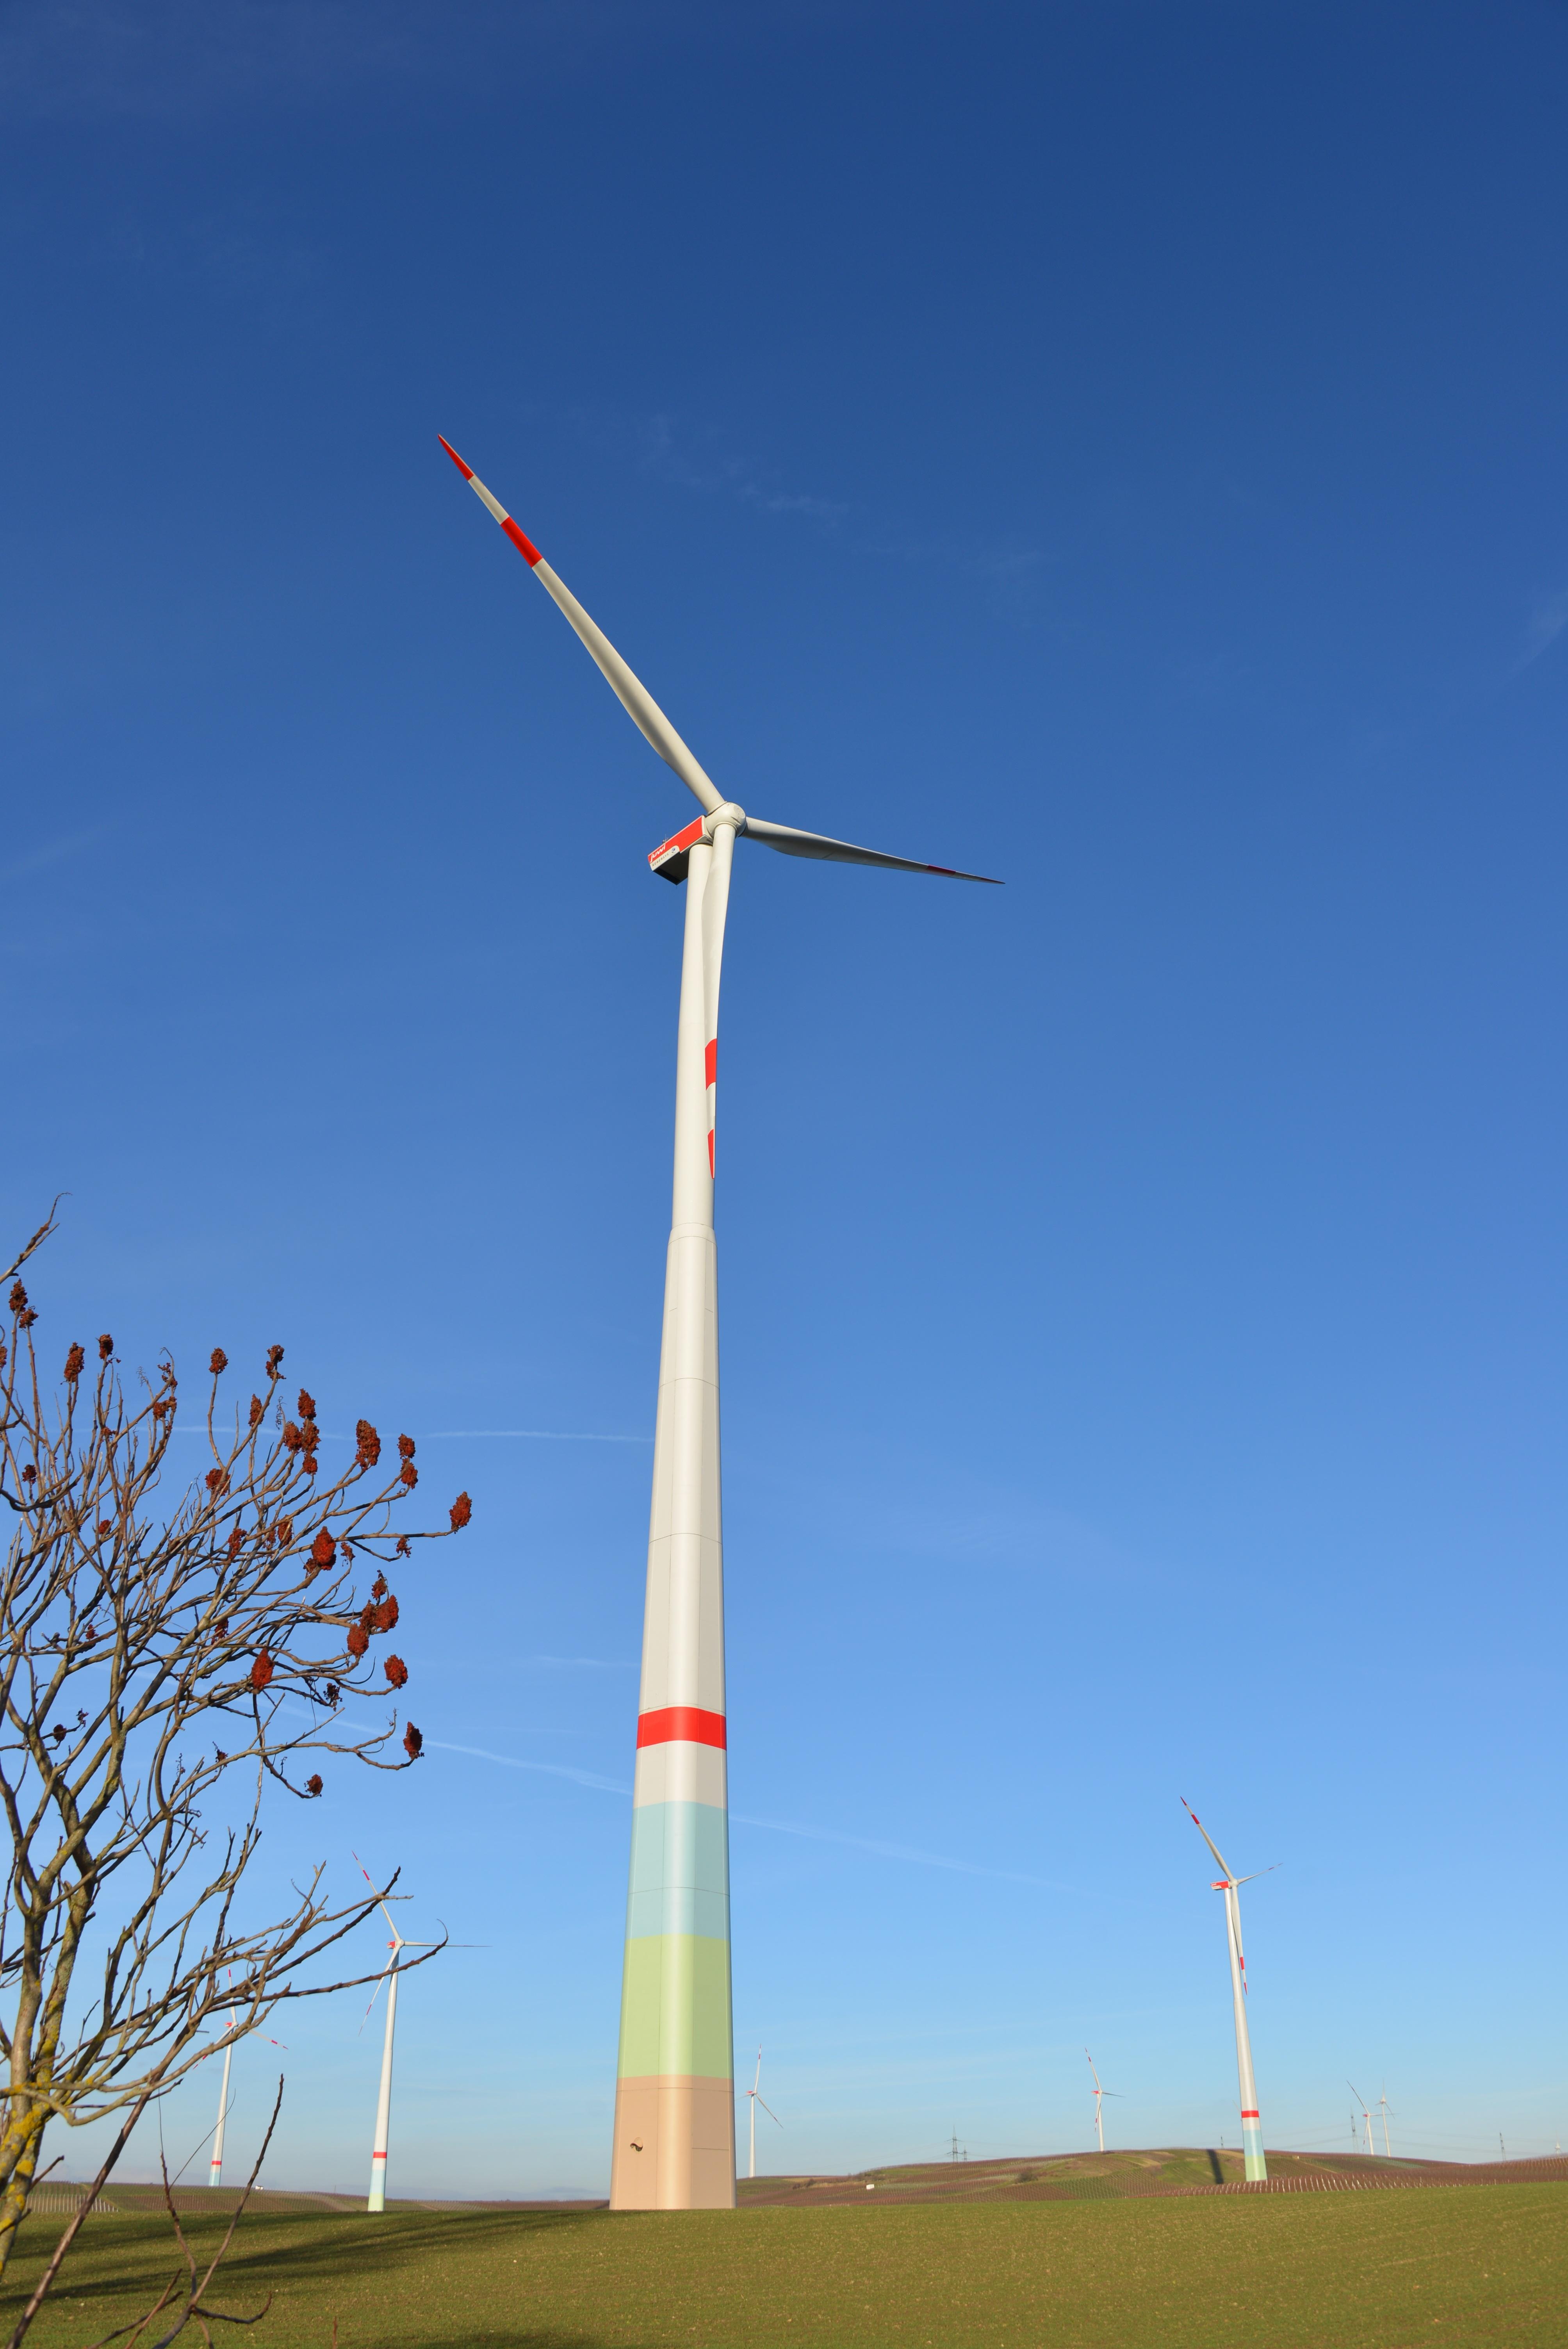 Free landscape sky field meadow windmill environment